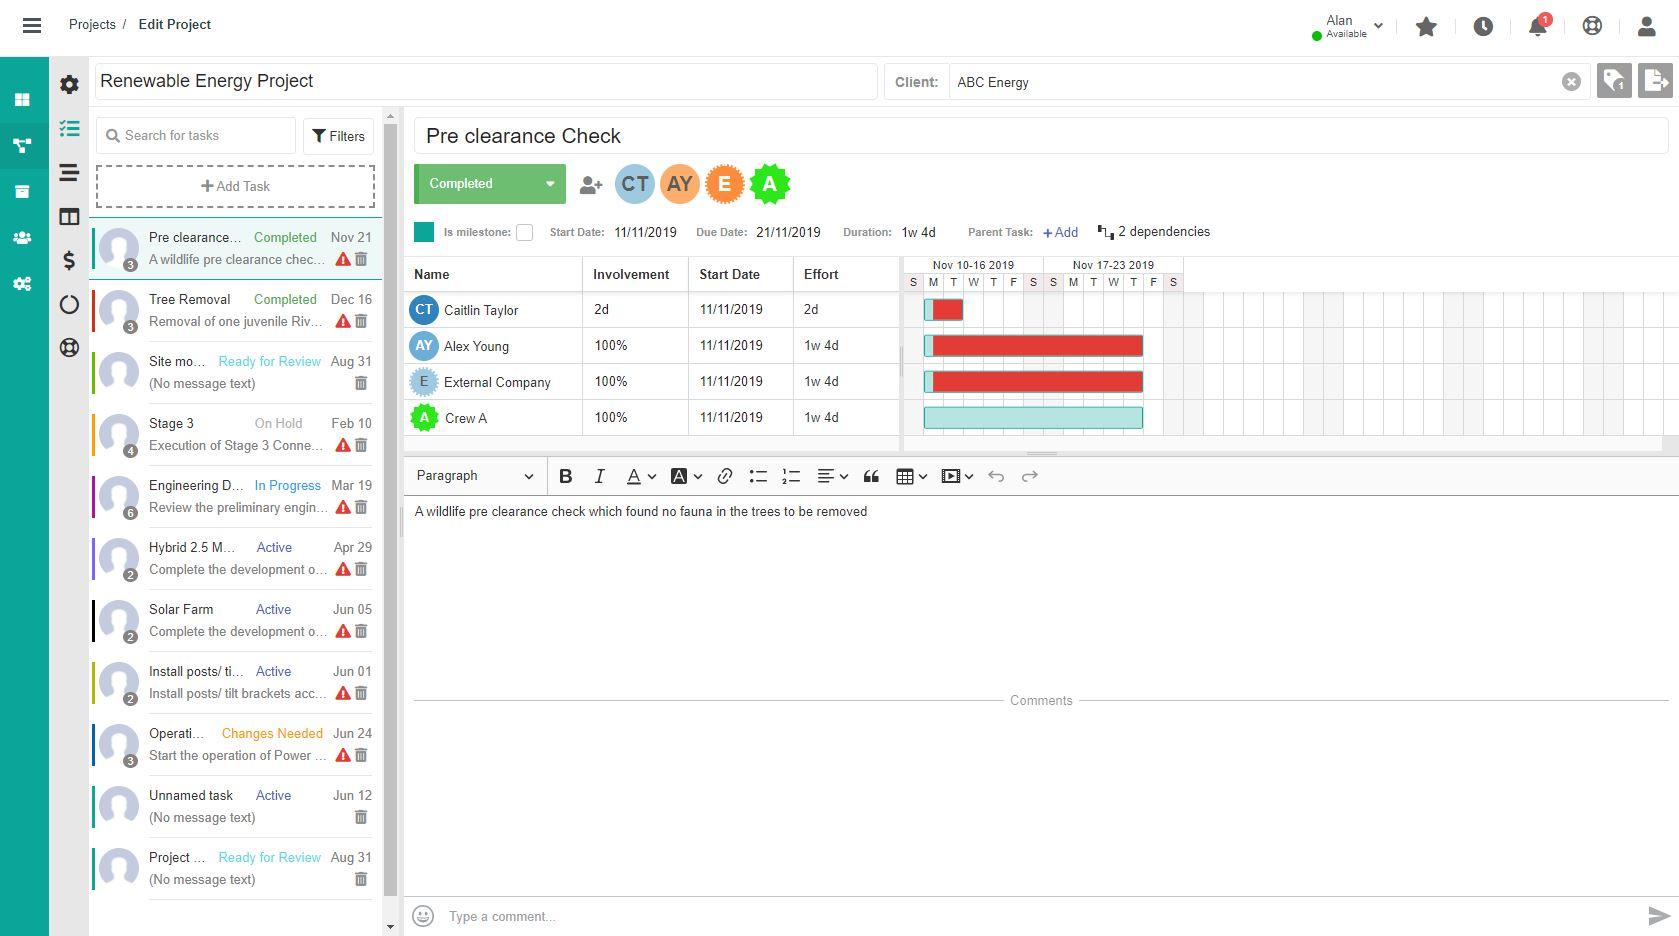 Dusk IOP - Project Management Platform